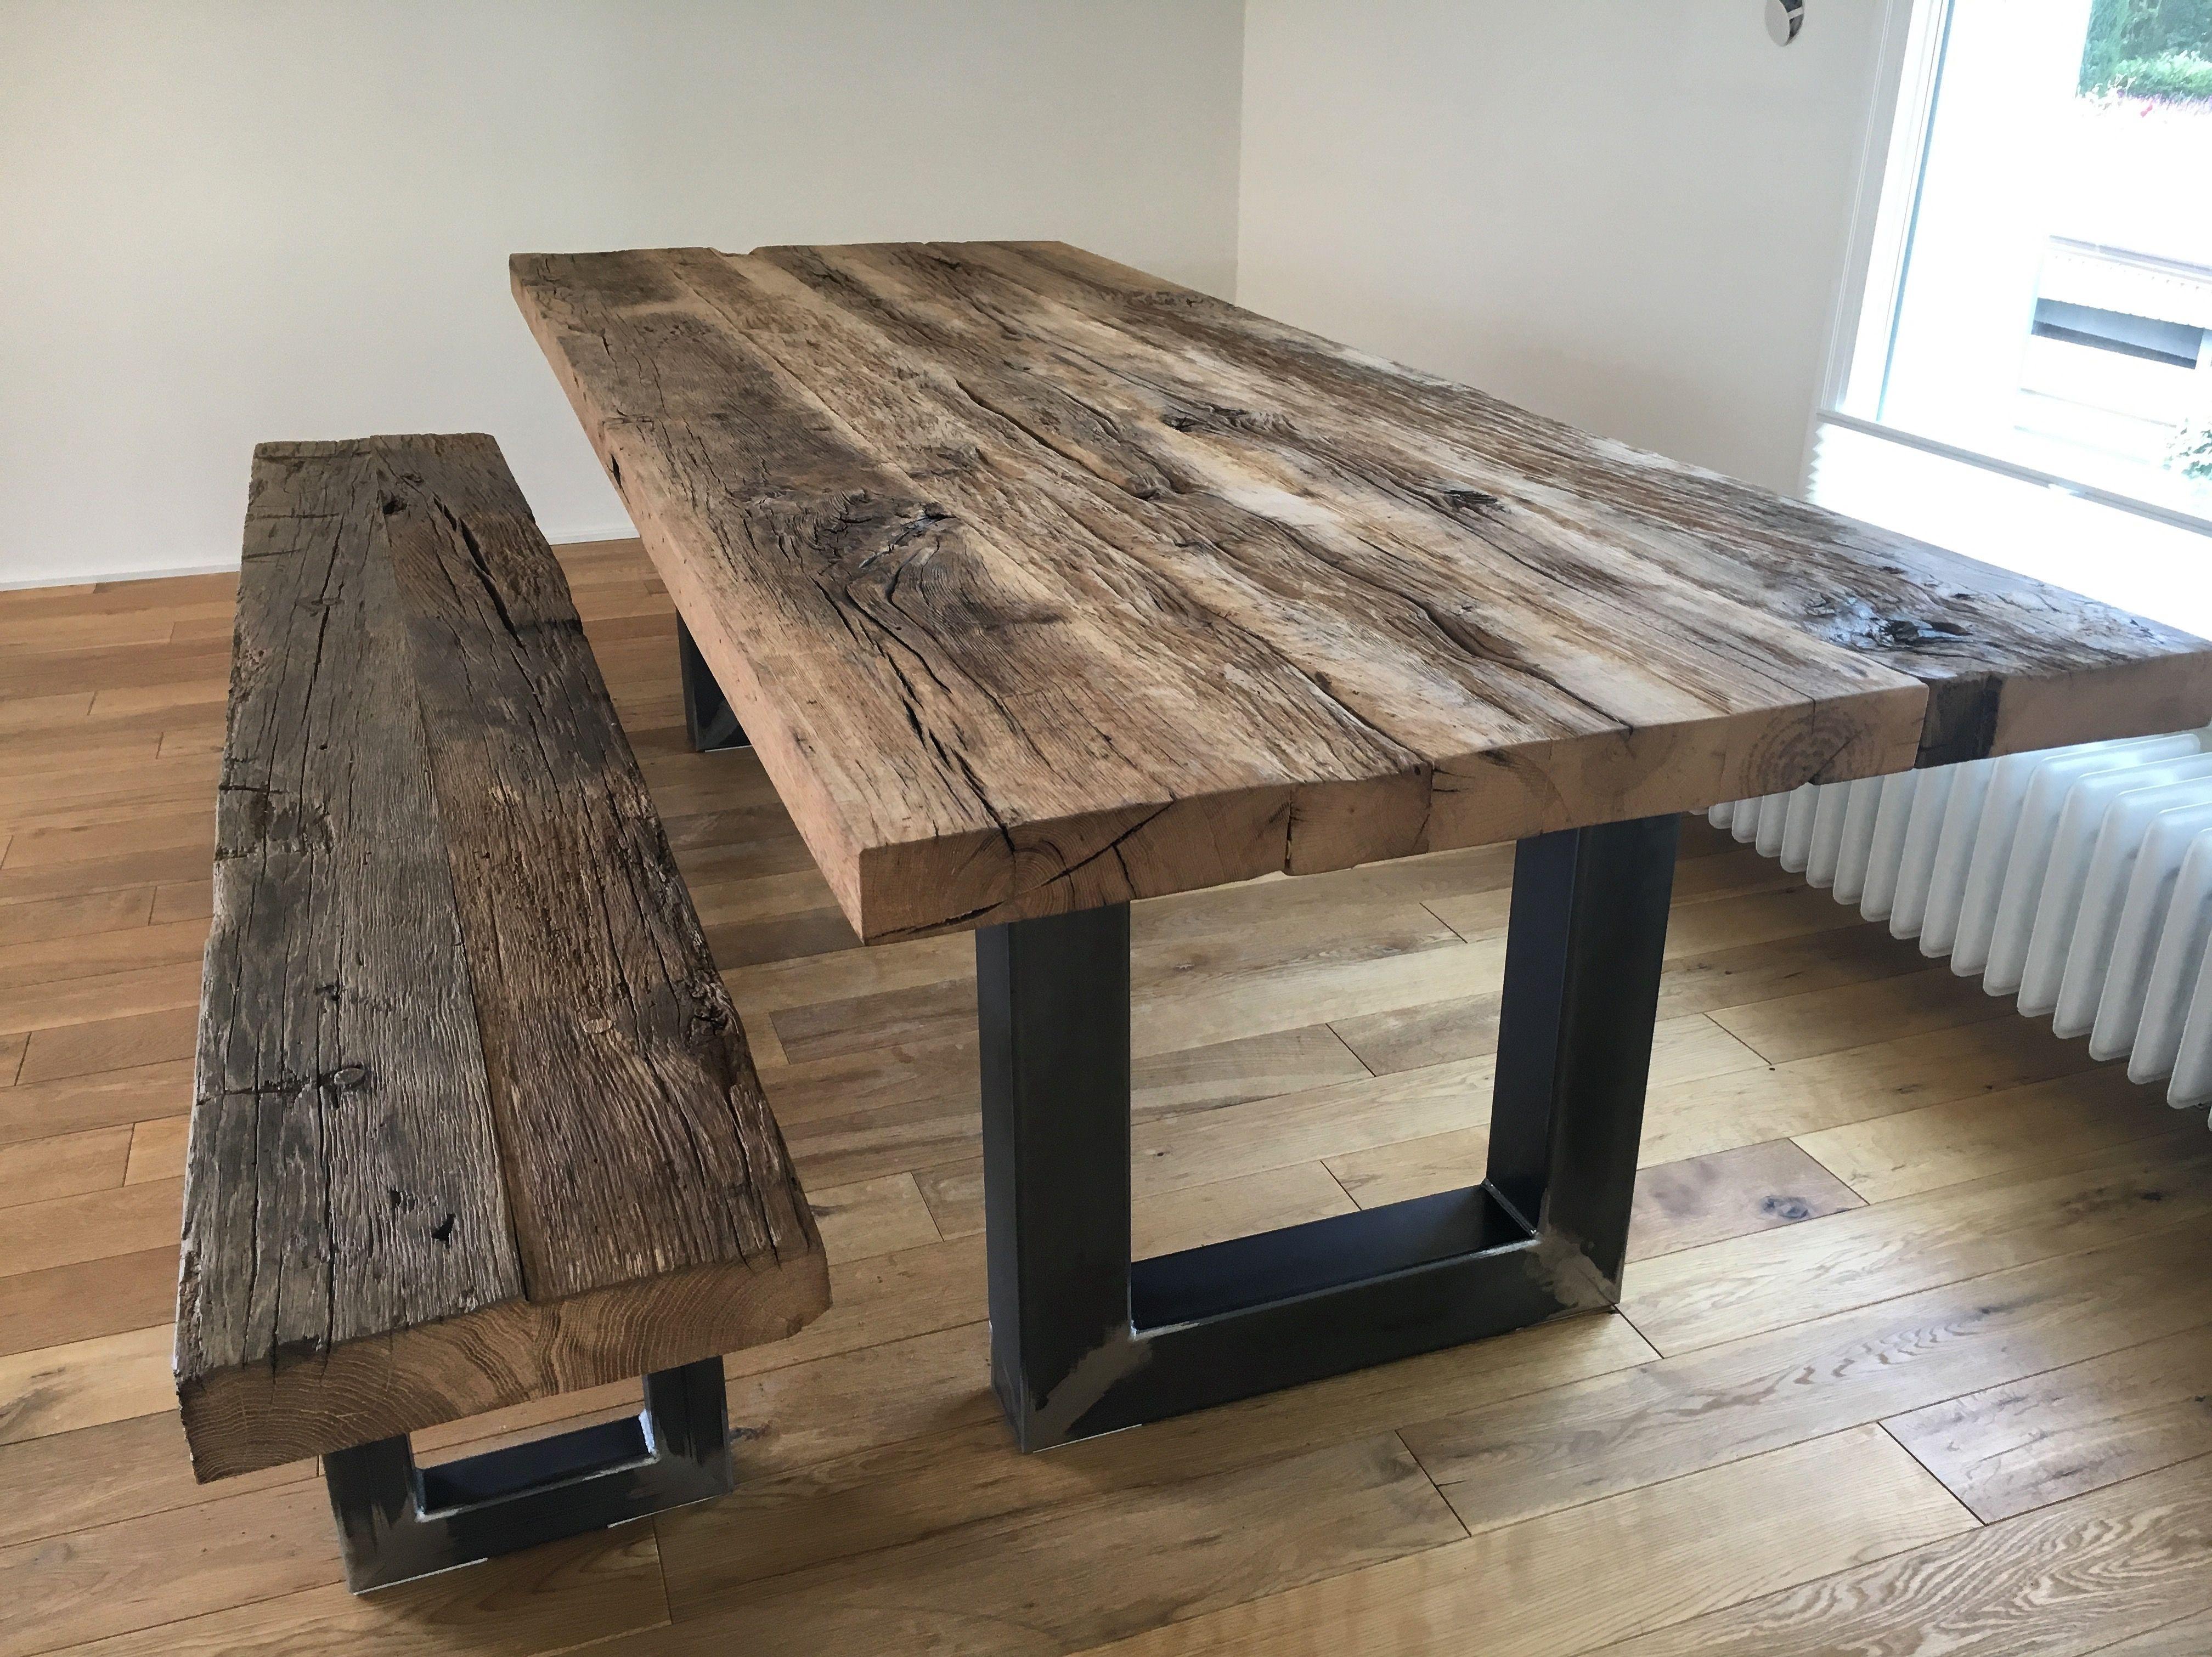 Holzwerk Hamburg massivholztisch esstisch holztisch eichentisch altholz tisch table